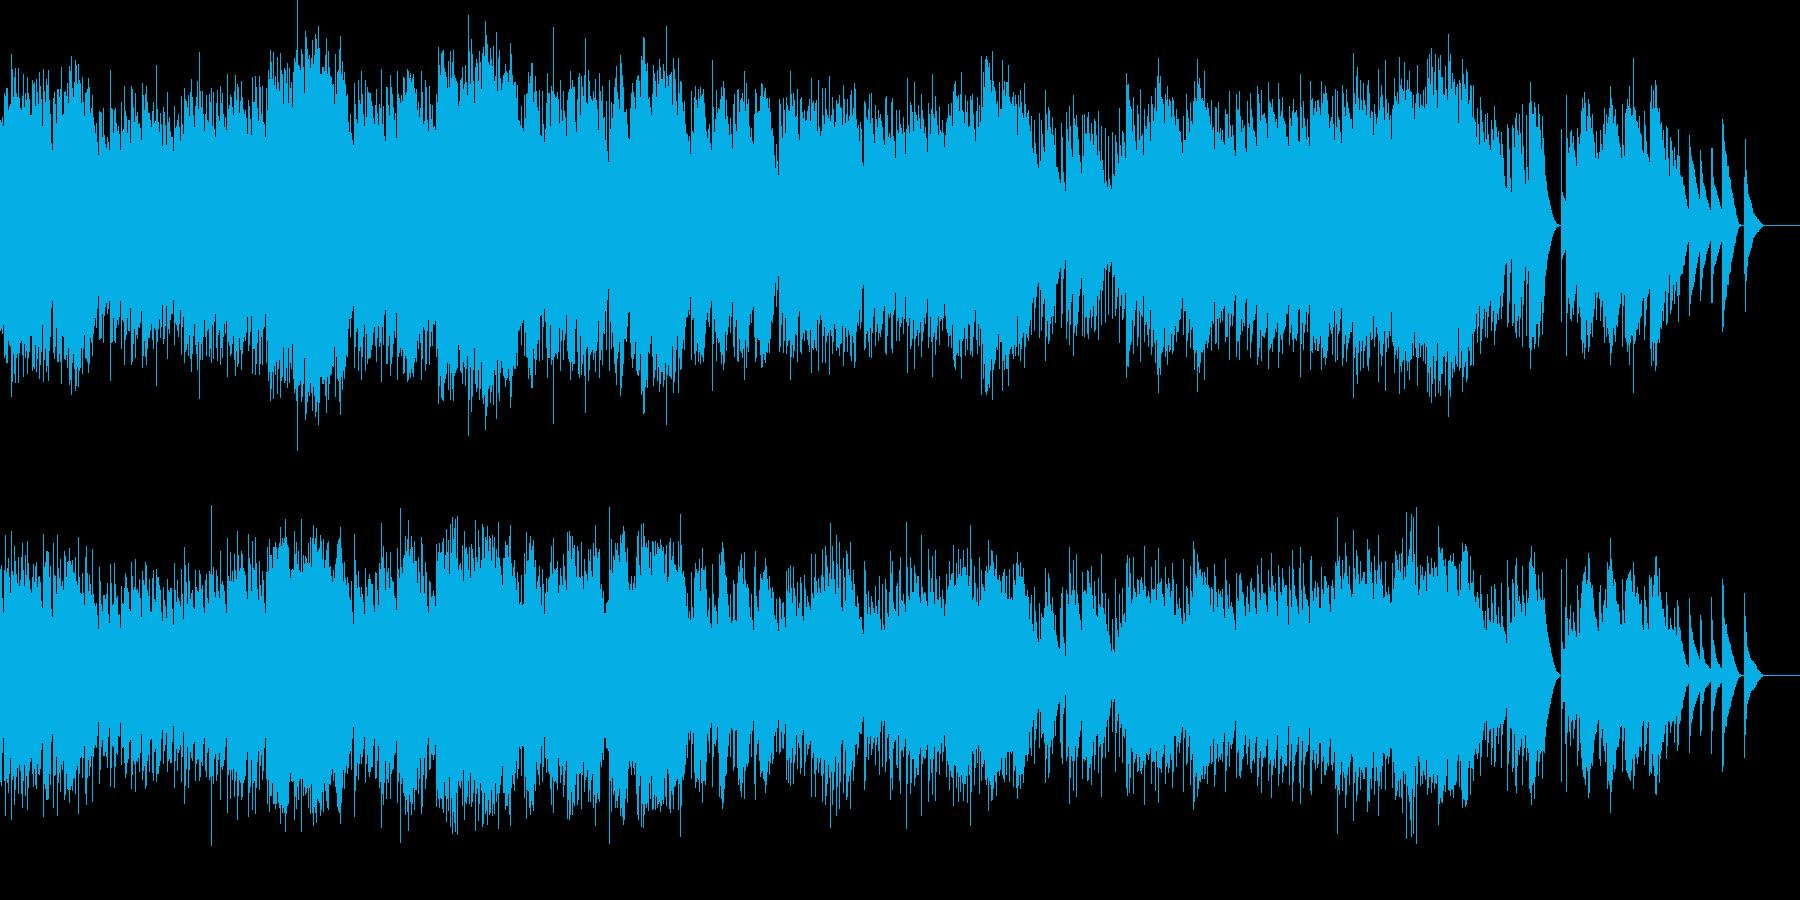 カルメン アラゴネーズ(オルゴール)の再生済みの波形